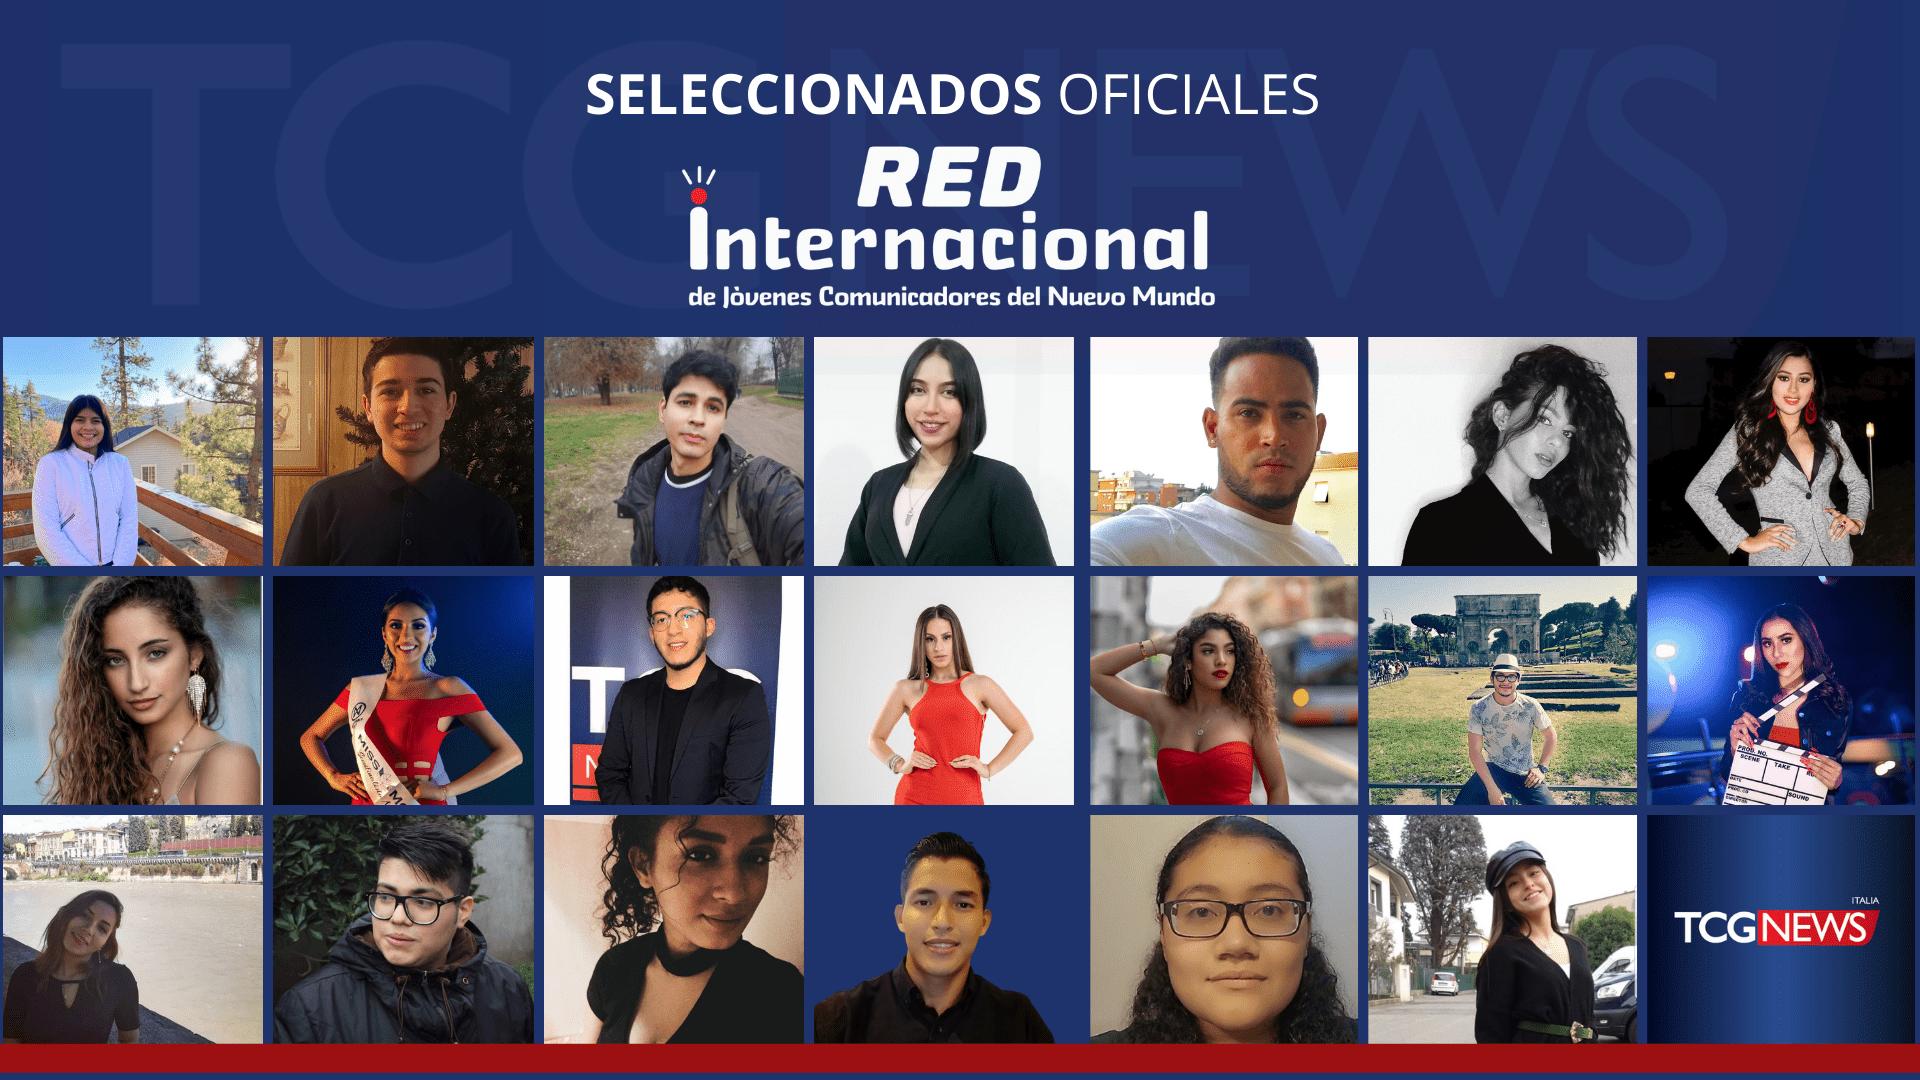 Conoce a los Seleccionados Oficiales de la Red Internacional de Jóvenes Comunicadores